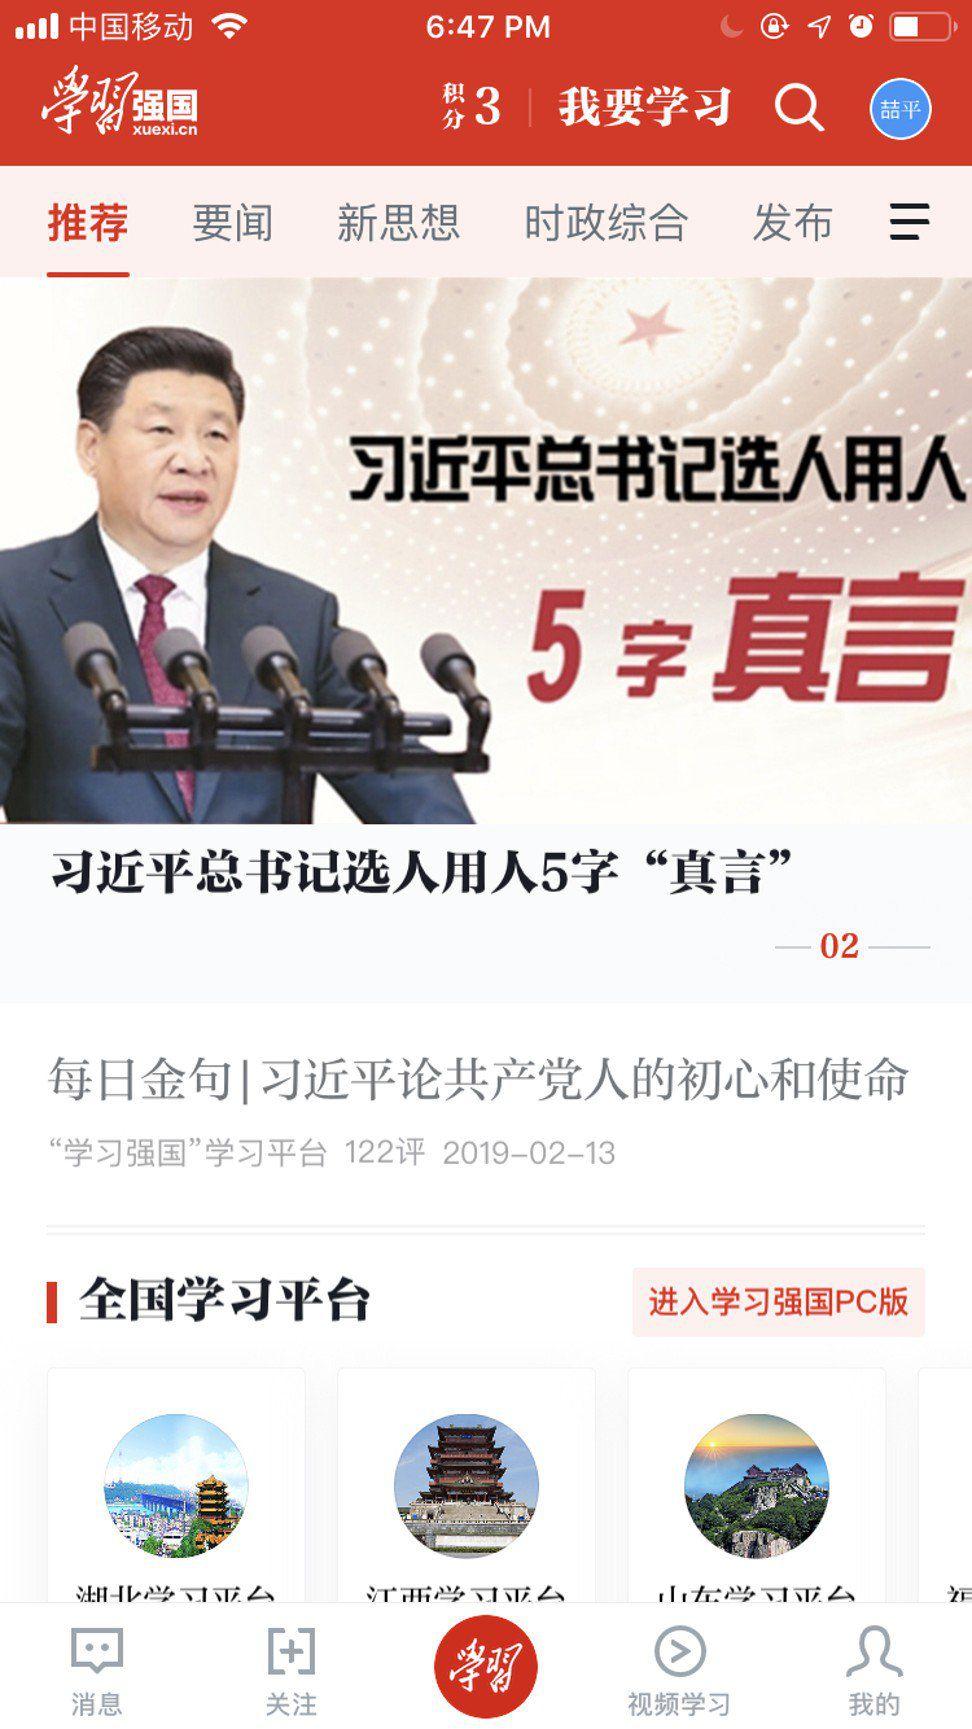 L'appli Xuexi Qiangguo